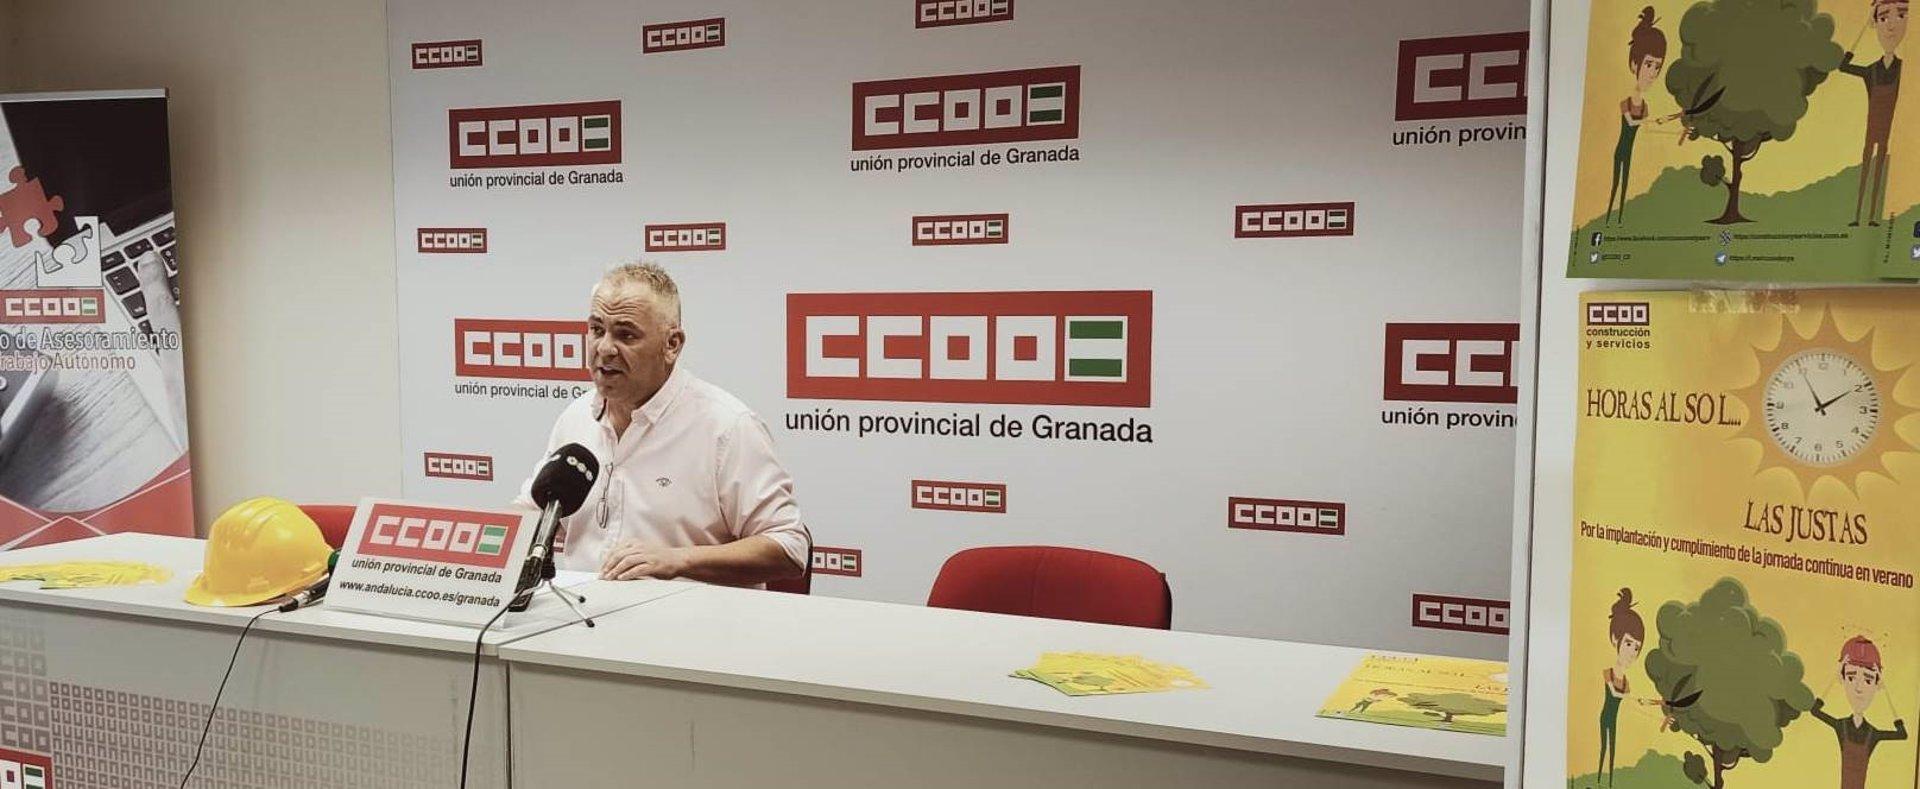 CCOO-A se moviliza en las ocho provincias por «el bloqueo» del convenio de dependencia